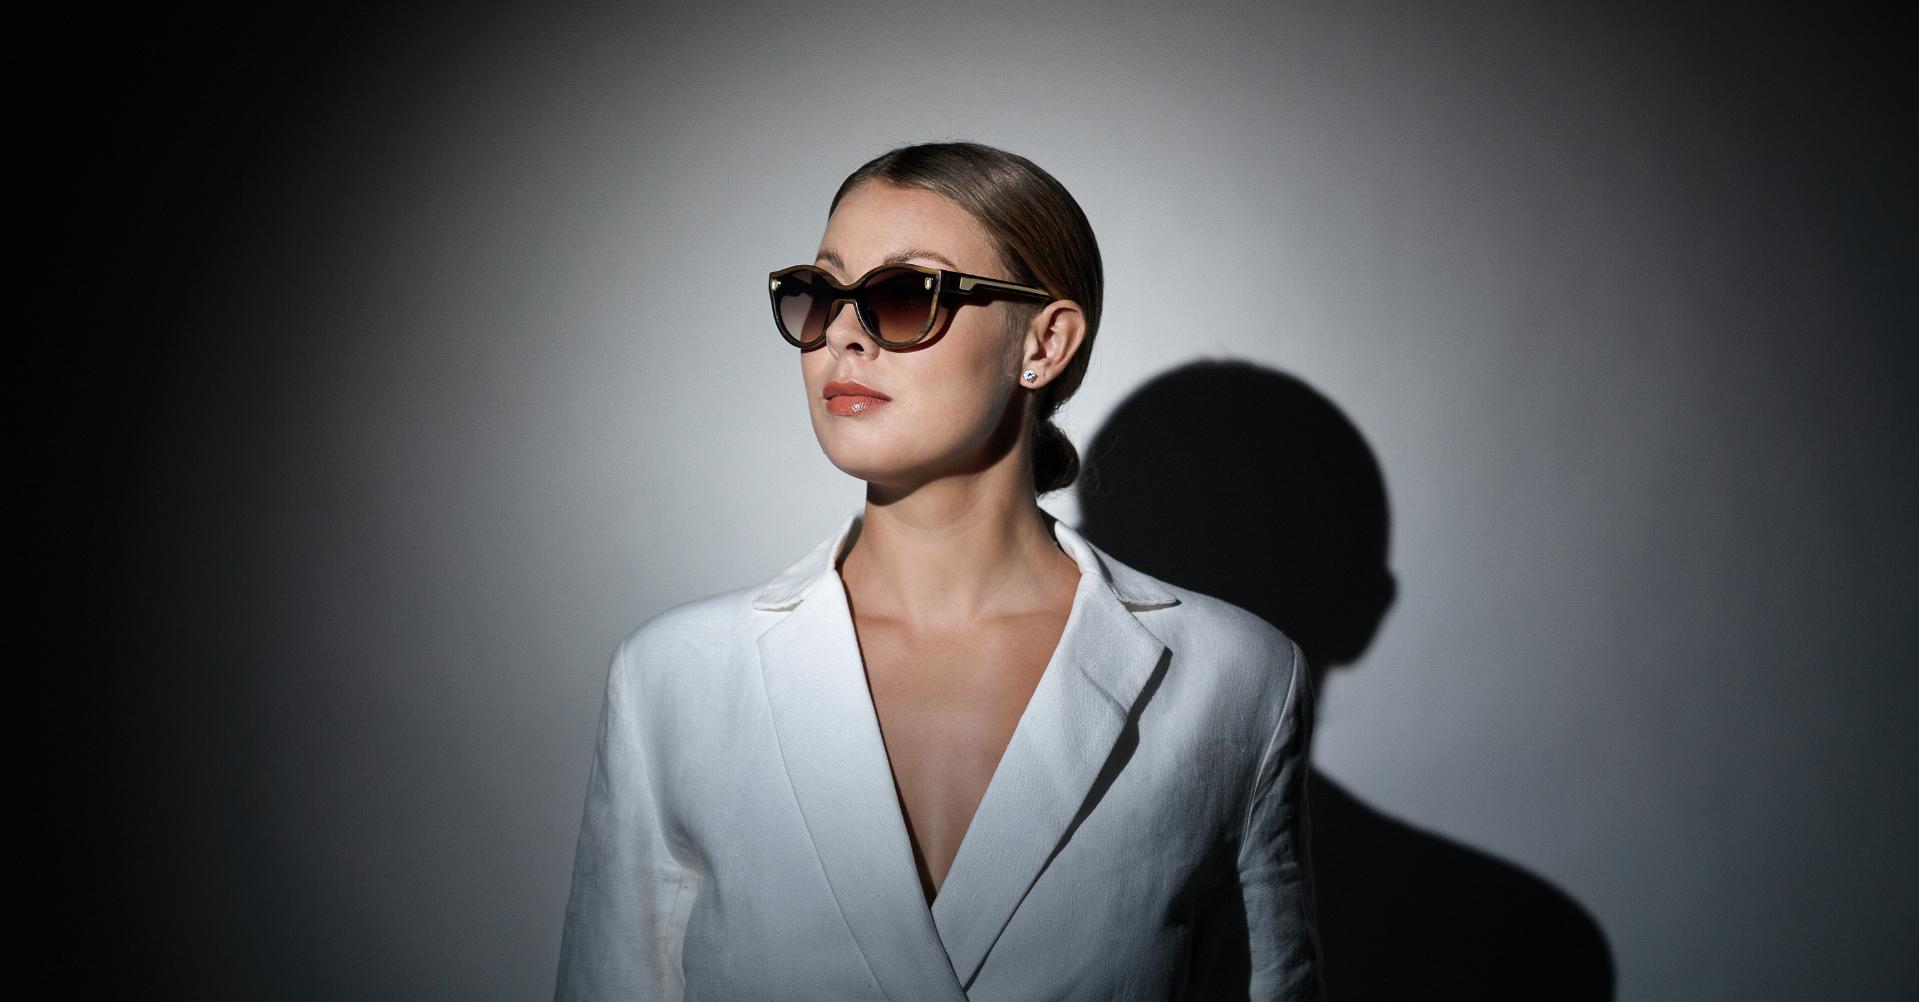 Sunglasses - 1 People